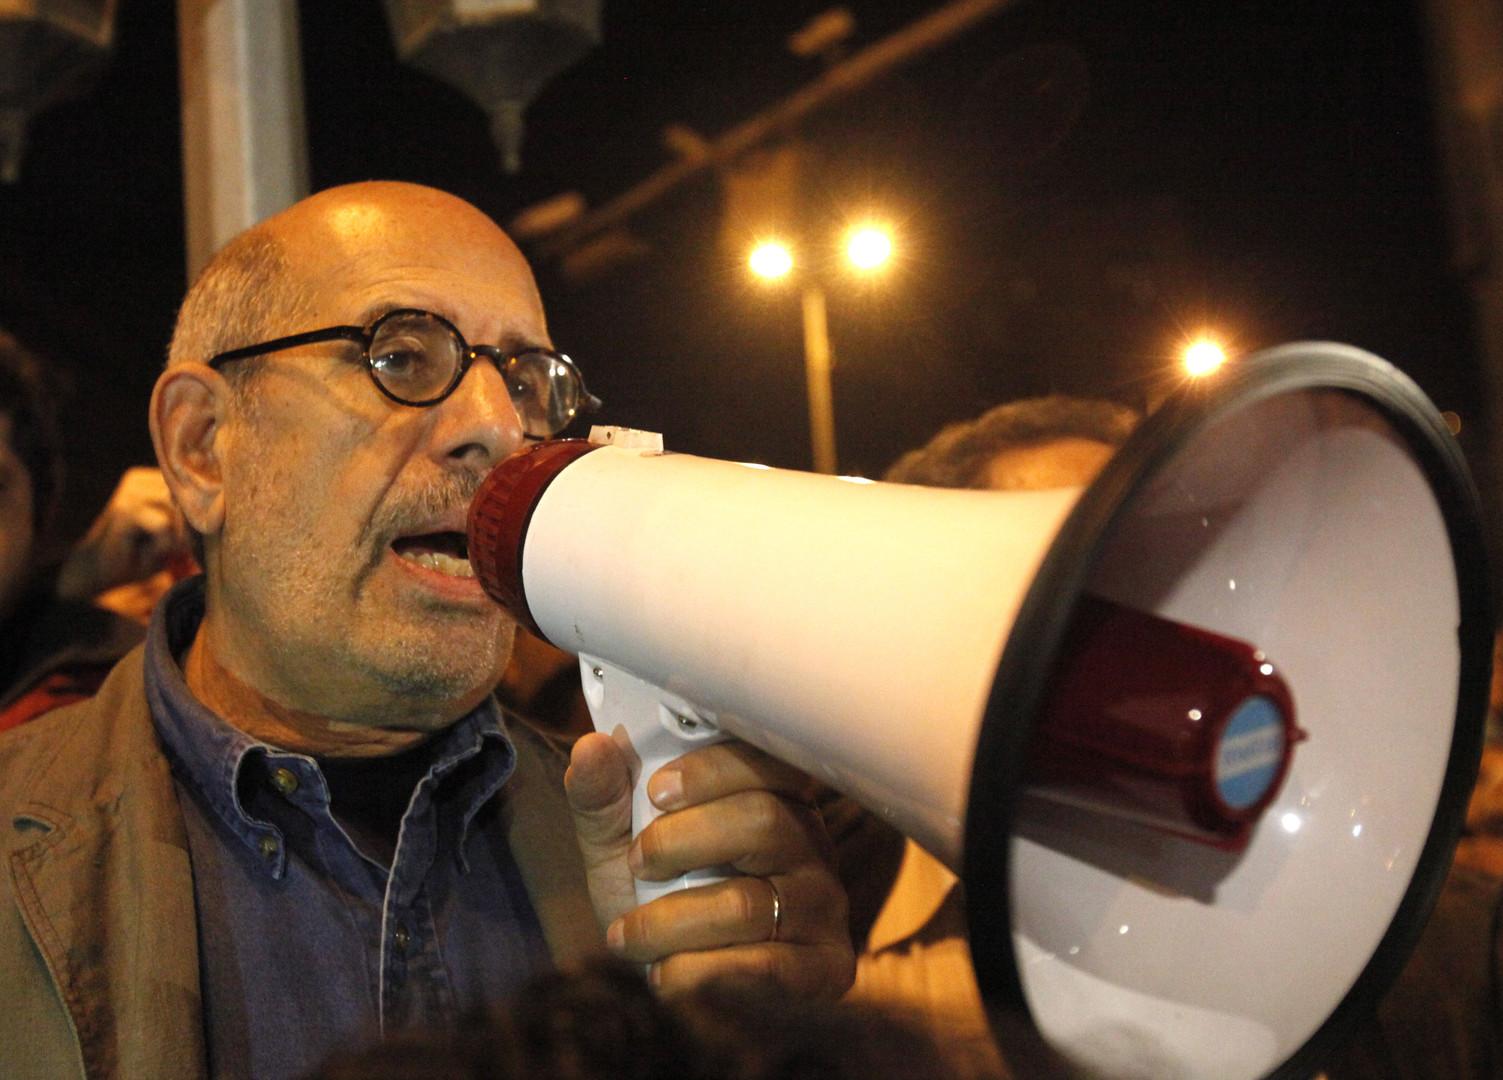 Am 30. Januar spricht der ägyptische Oppositionsführer und ehemalige Chef der Internationalen Atomenergiebehörde, Mohamed El-Baradei, zu dem Demonstranten.